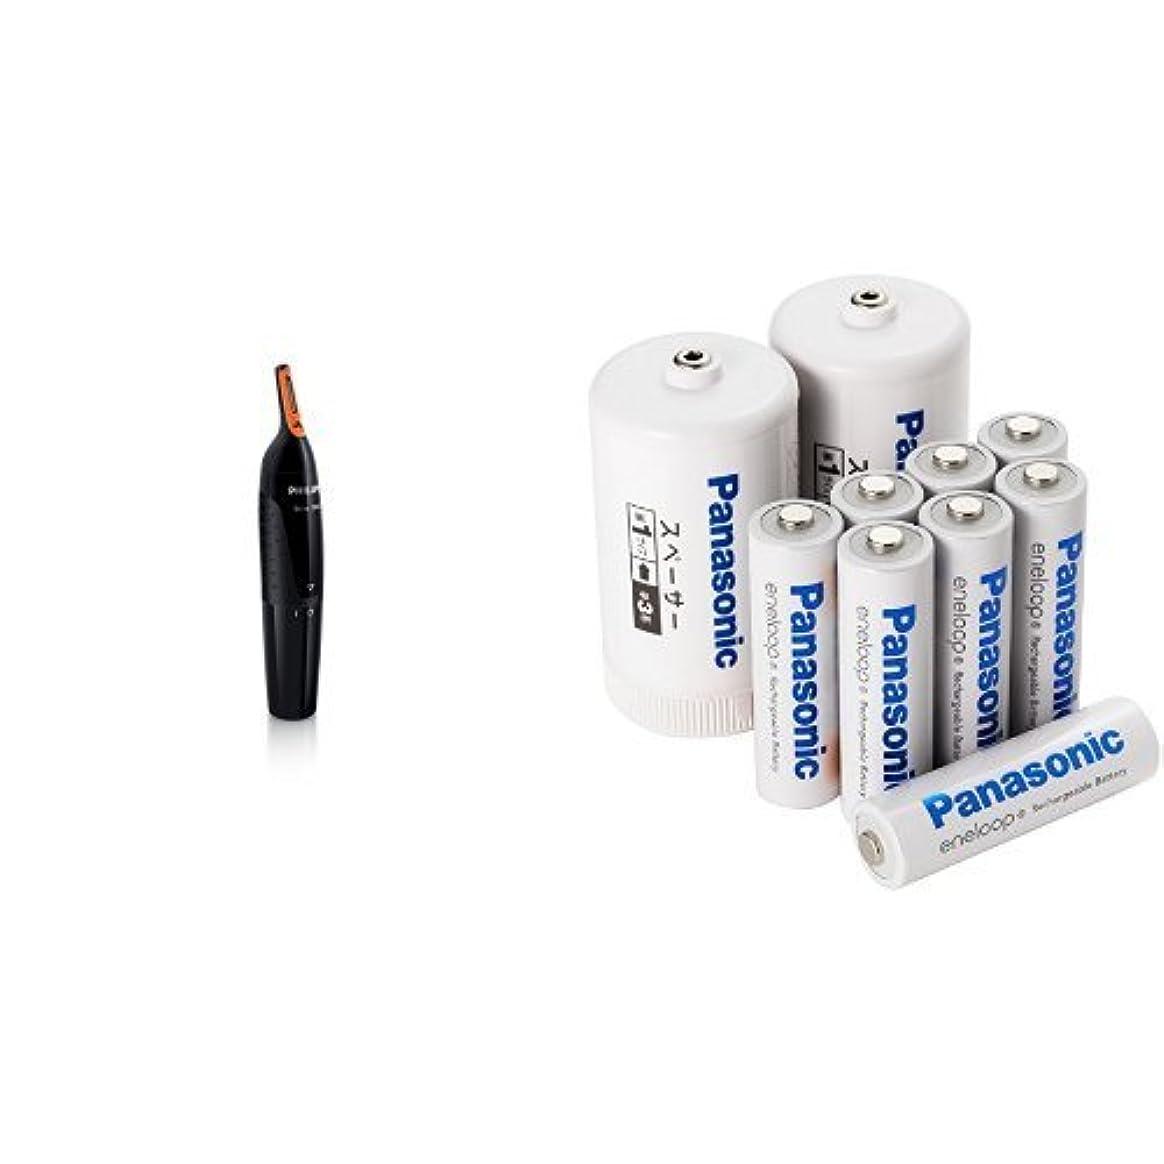 注ぎます寂しいヘビーフィリップス 鼻毛/耳毛カッター 本体丸洗い可 NT1152/10 + eneloop 単3形充電池 8本パック BK-3MCC/8FA セット